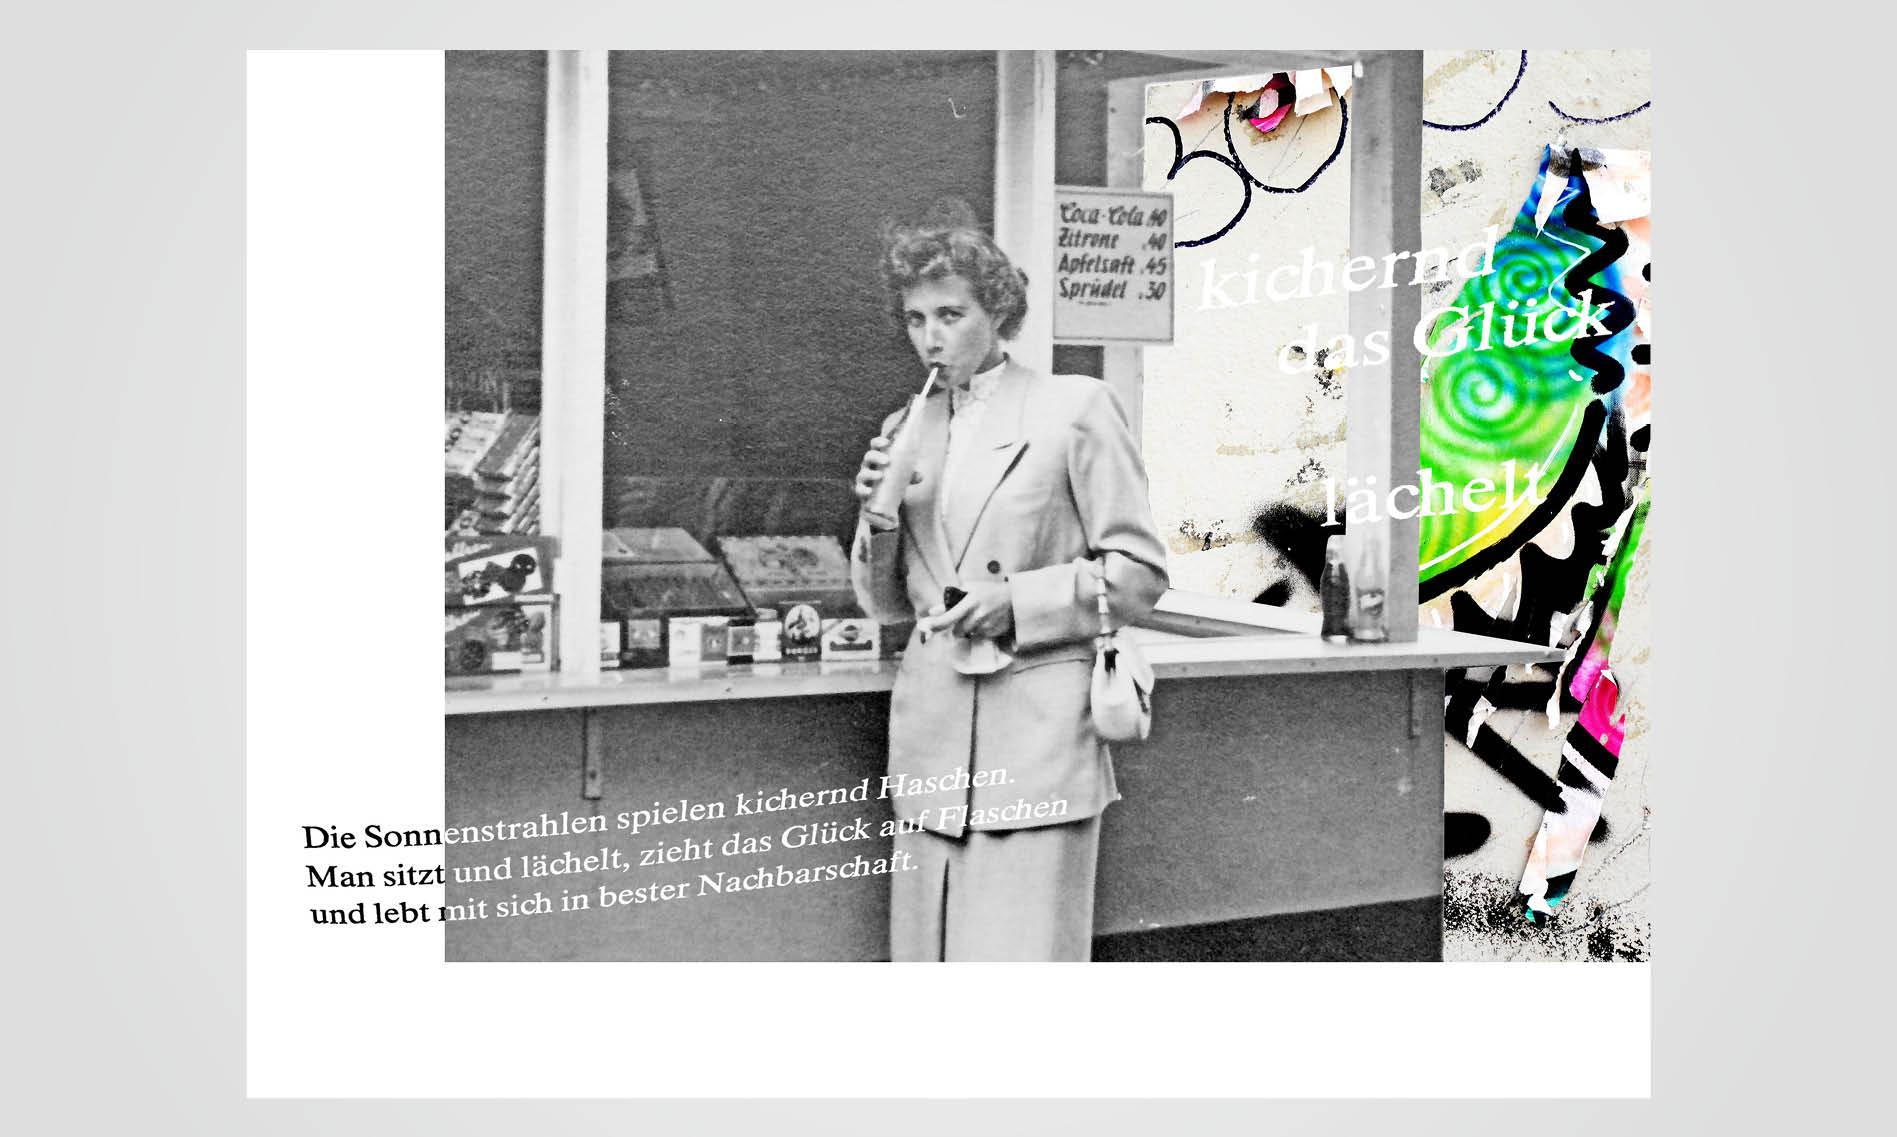 bilder-collage-zeichnung-erich-kaestner-06.jpg